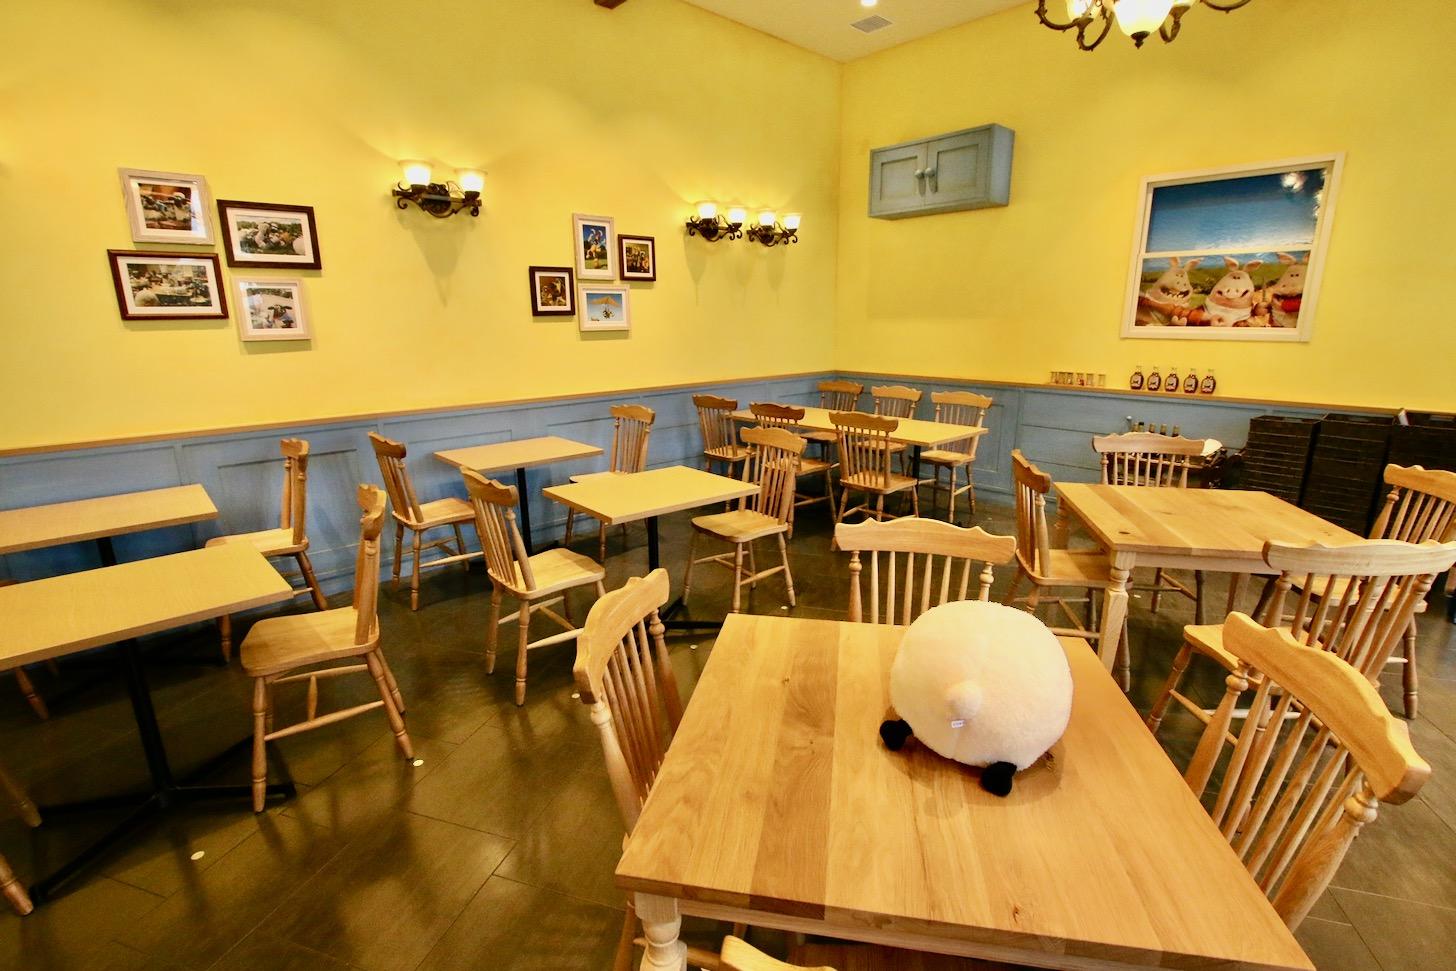 ひつじのショーンビレッジショップ&カフェ 店内